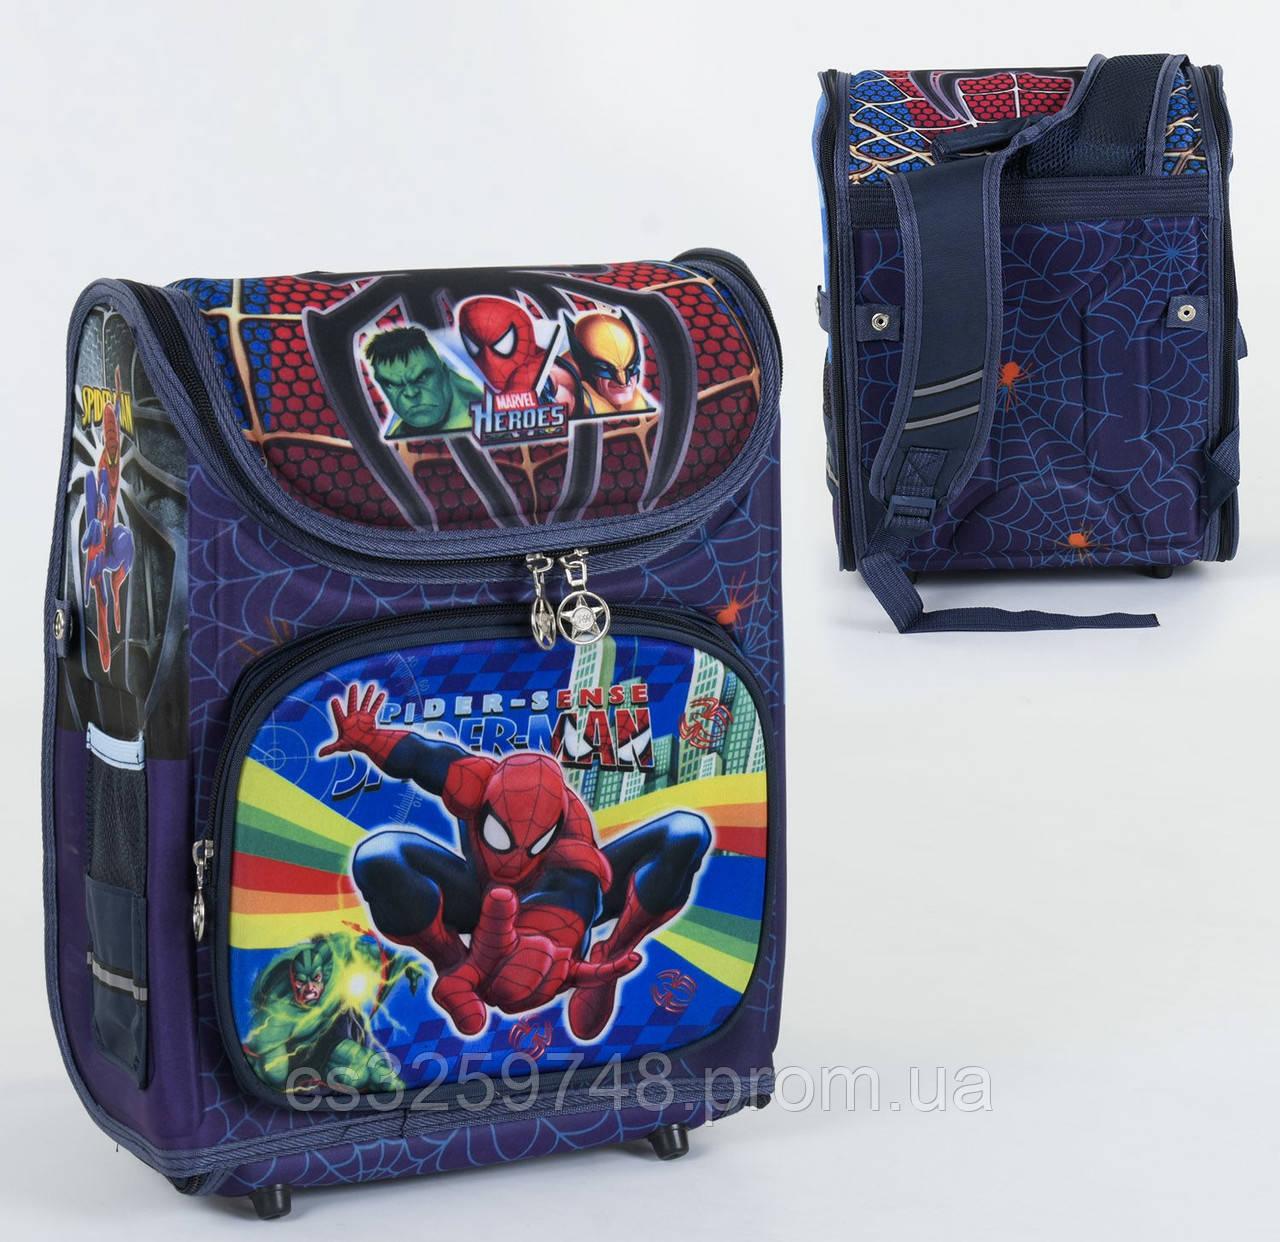 Школьный каркасный рюкзак Человек-паук С 36173 с ортопедической спинкой на 1 большое отделение, 3D принт